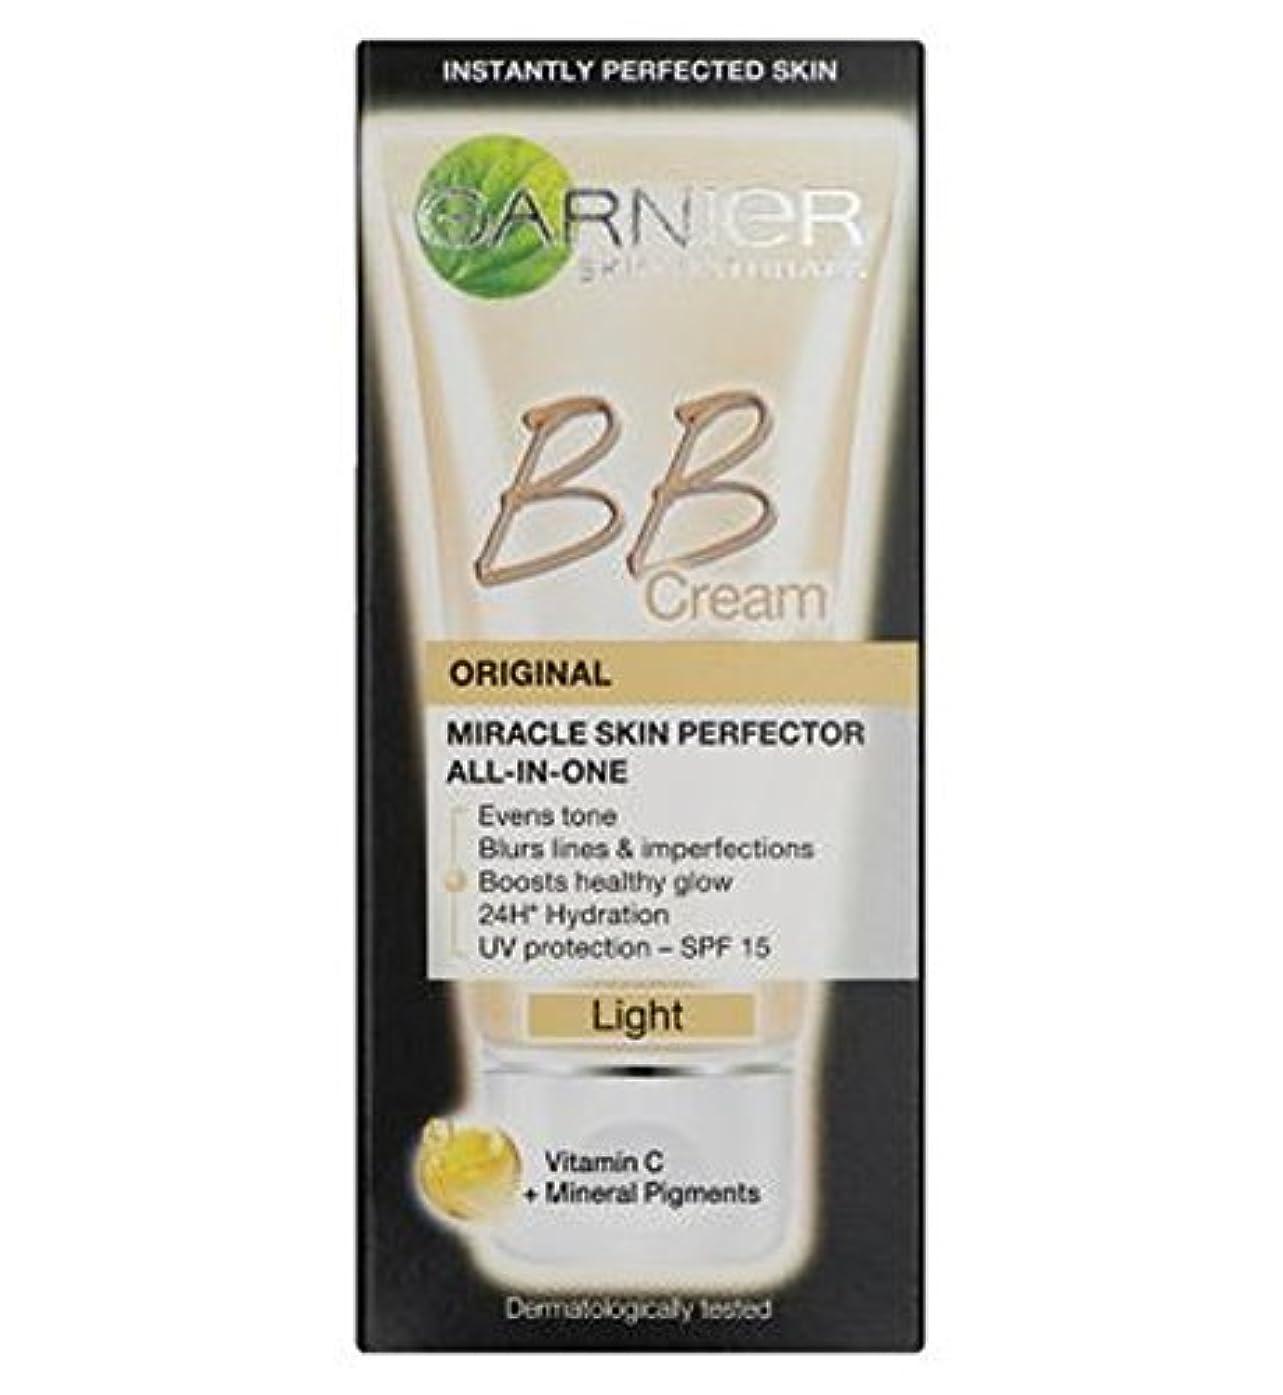 魔法忠実に可能Garnier Skin Perfector Daily All-In-One B.B. Blemish Balm Cream Light 50ml - 毎日オールインワンB.B.ガルニエスキンパーフェク傷バームクリームライト...